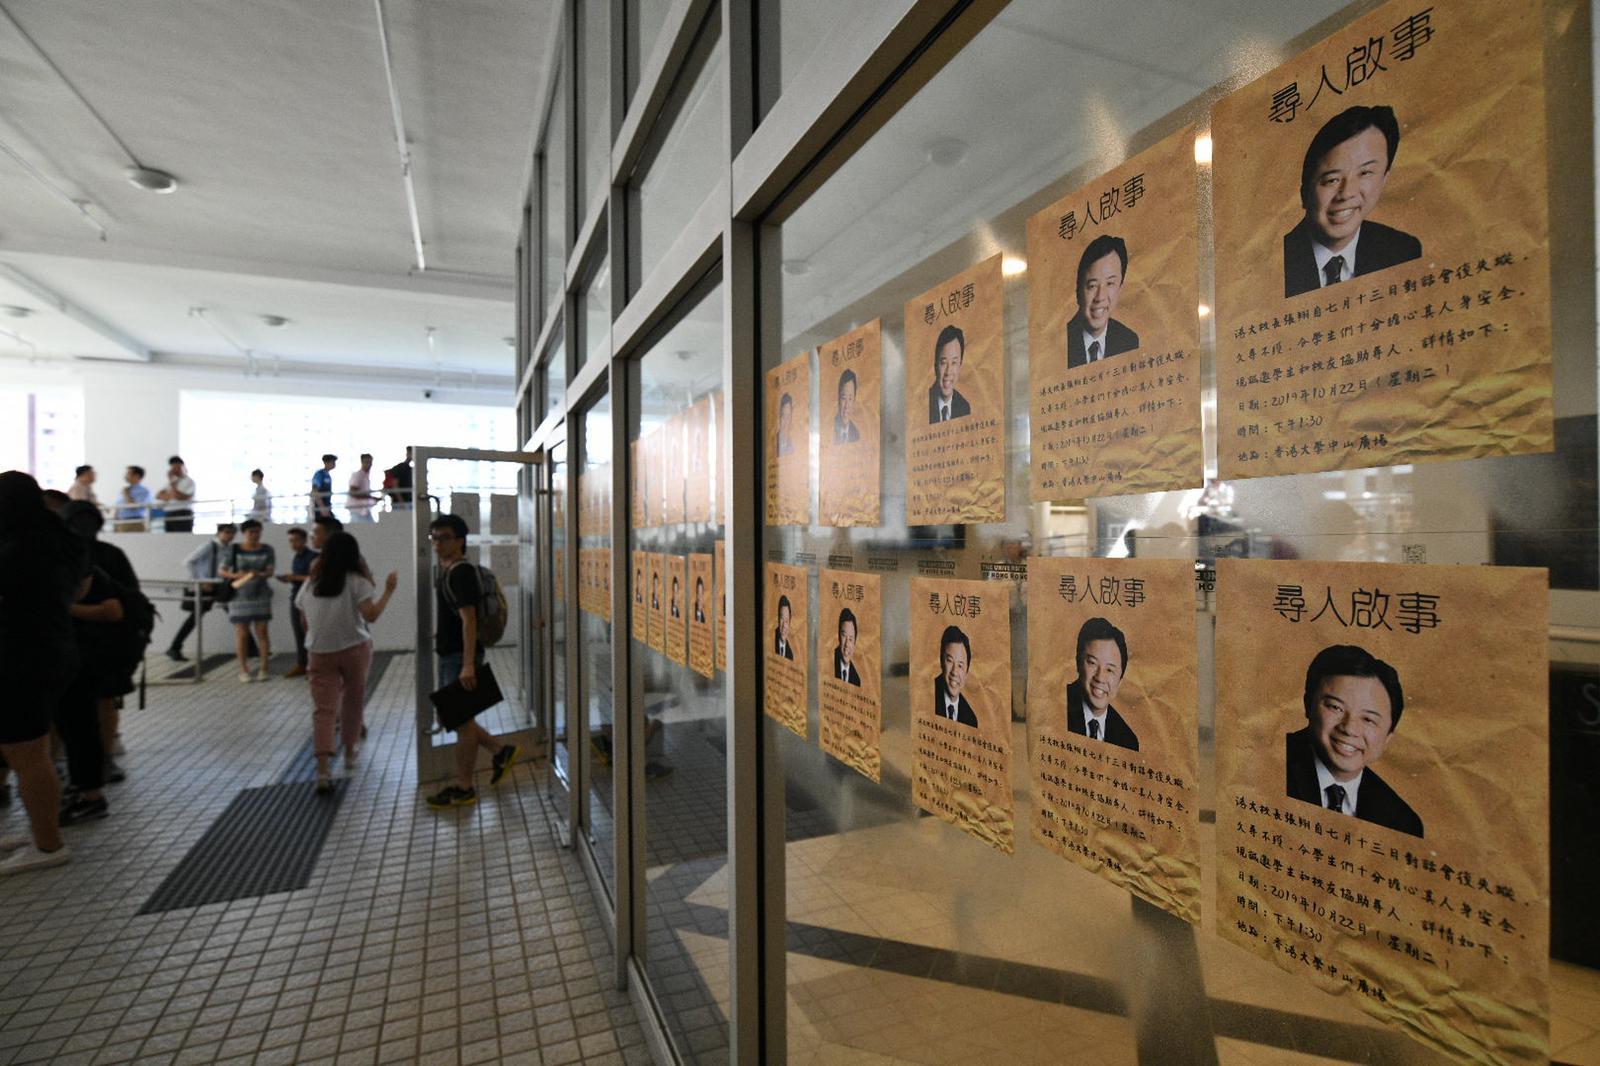 現場有穿黑衣的學生派發「尋人啟事」單張,指港大校長張翔自7月13日對話會後一直「失蹤」。